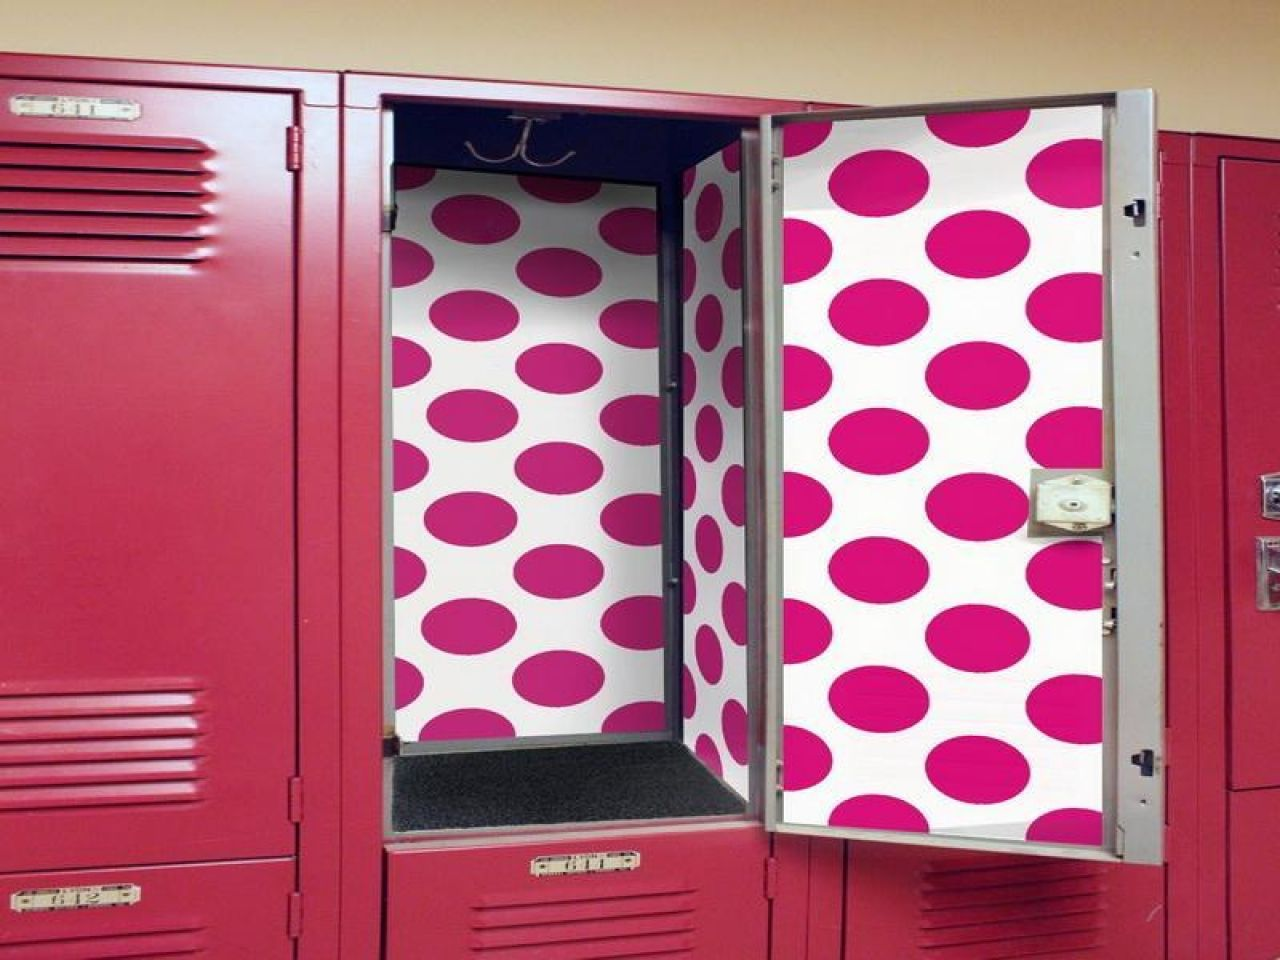 25 diy locker decor ideas for more cooler look - Locker Designs Ideas